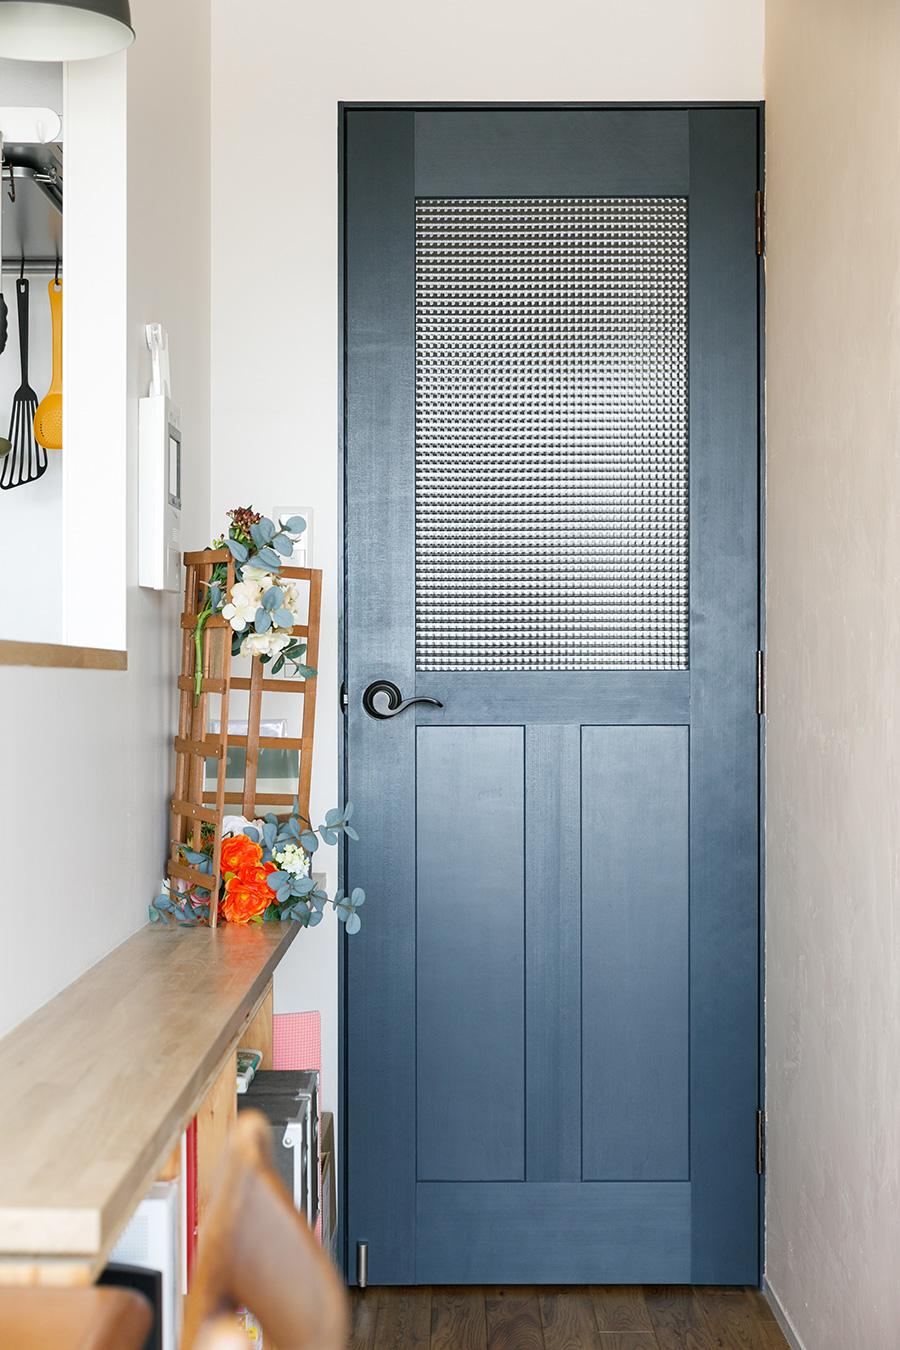 廊下とLDKをつなぐドア。廊下に光を通すため、ガラス入りのものにした。色はアクセントになる暗めのブルーをチョイス。